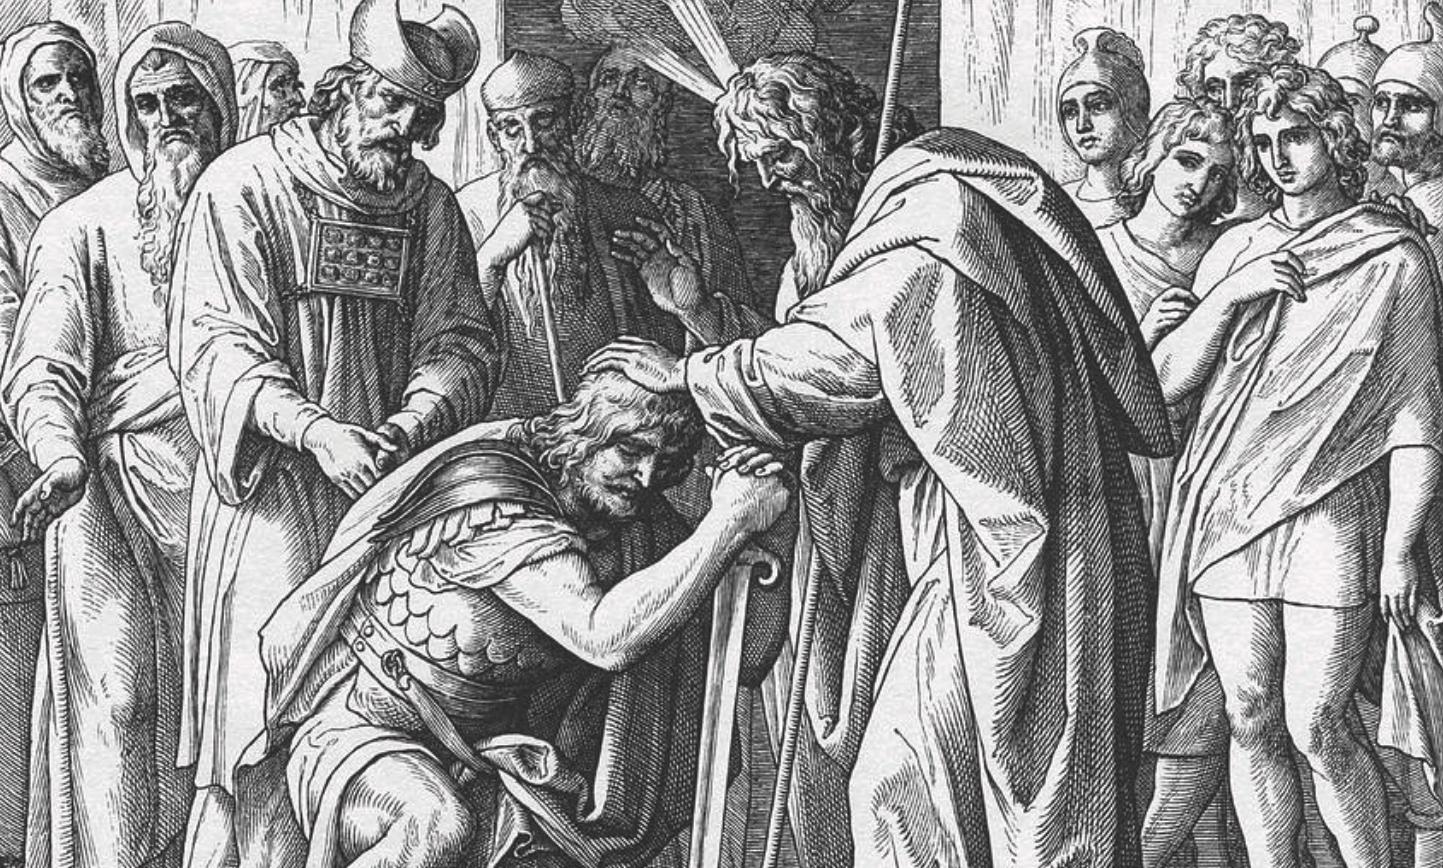 משה ממנה את יהושע.   illustration from Henry Davenport Northrop's 1894 Treasures of the Bible, מתוך ויקיפדיה